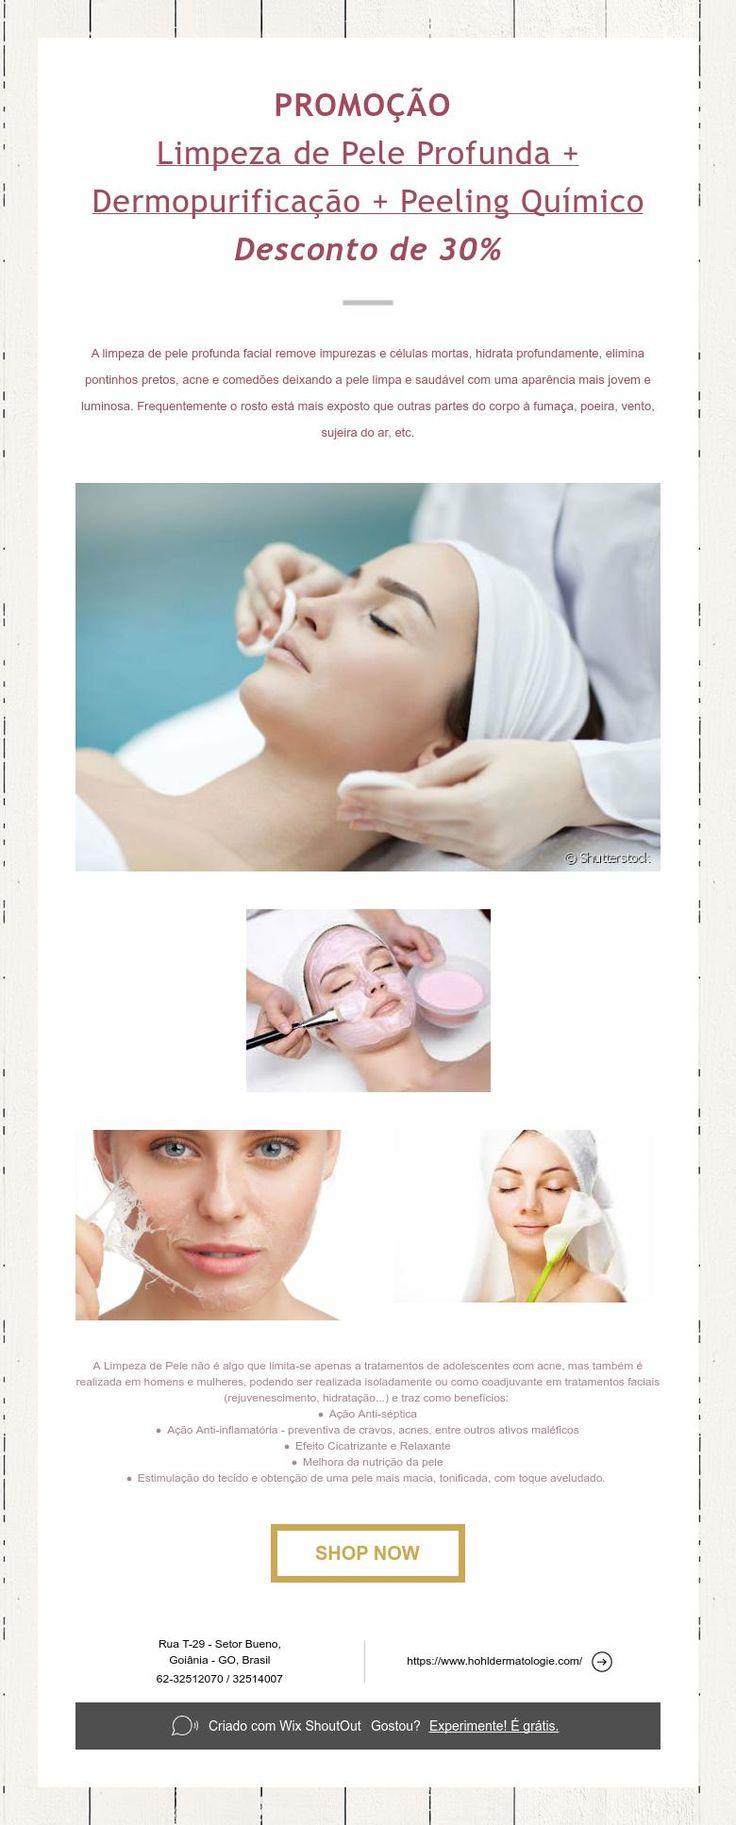 PROMOÇÃO  Limpeza de Pele Profunda + Dermopurificação + Peeling Químico  Desconto de 30%